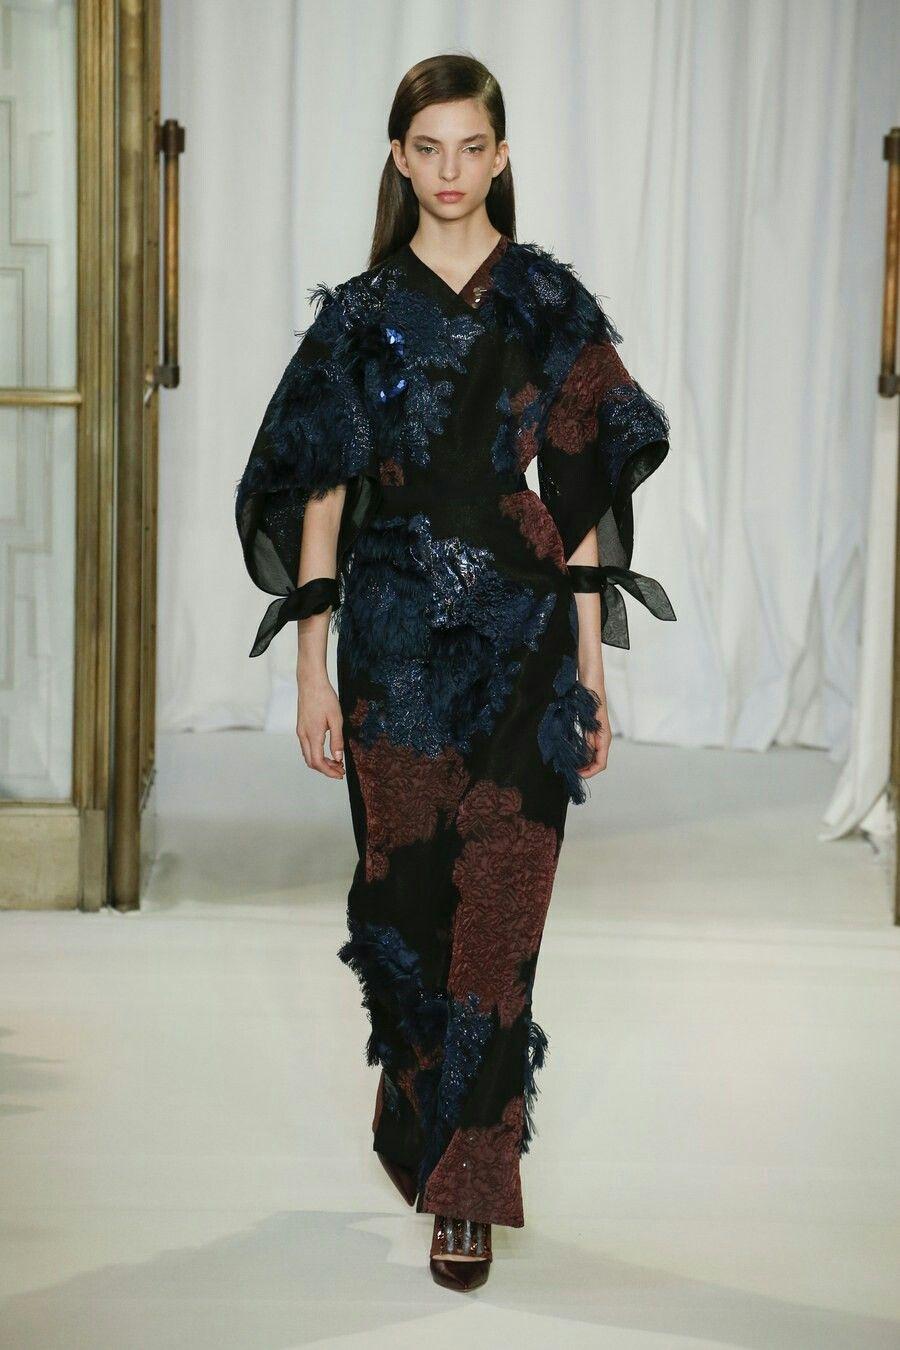 Delpozo Fashion, Fashion show, Women's runway fashion